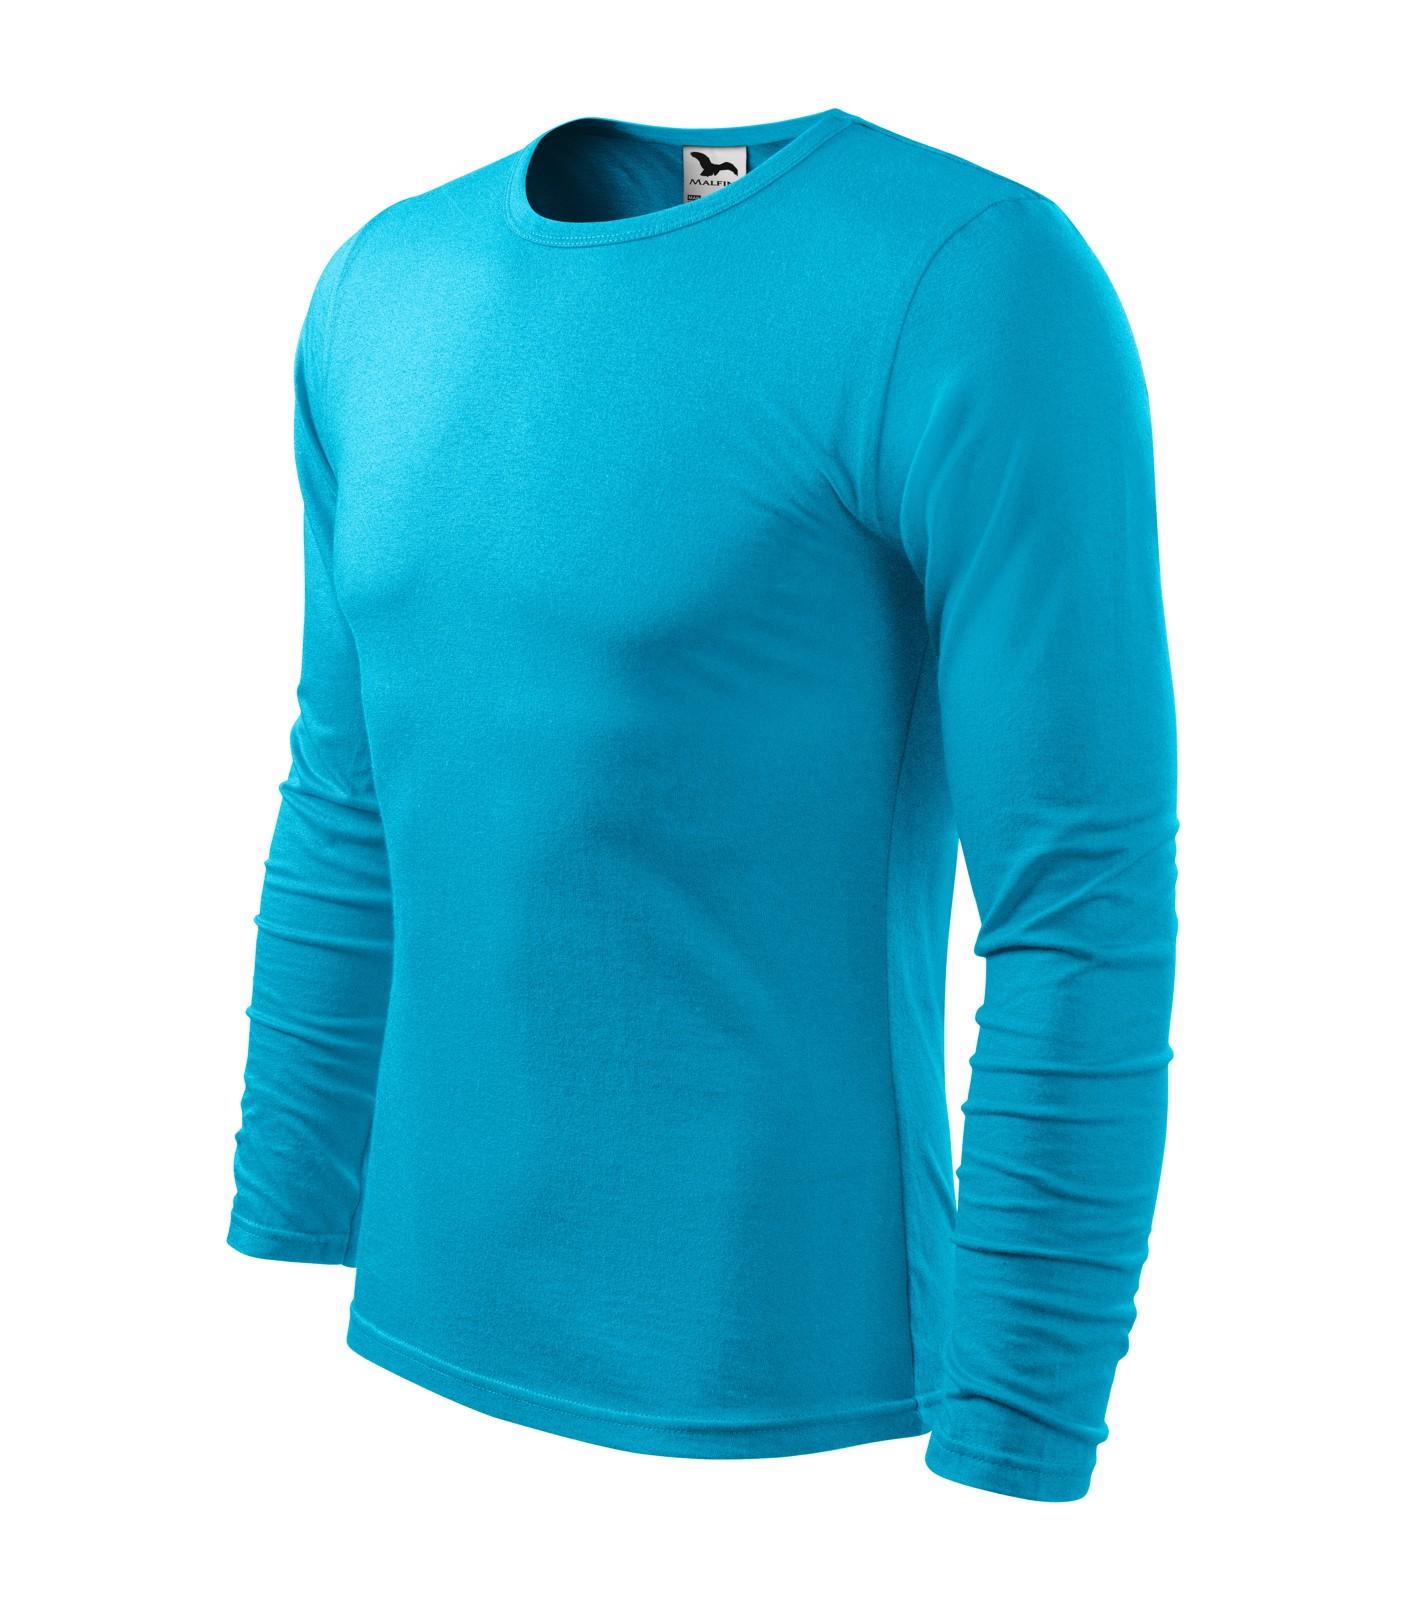 T-shirt men's Malfini Fit-T LS - Blue Atoll / XL